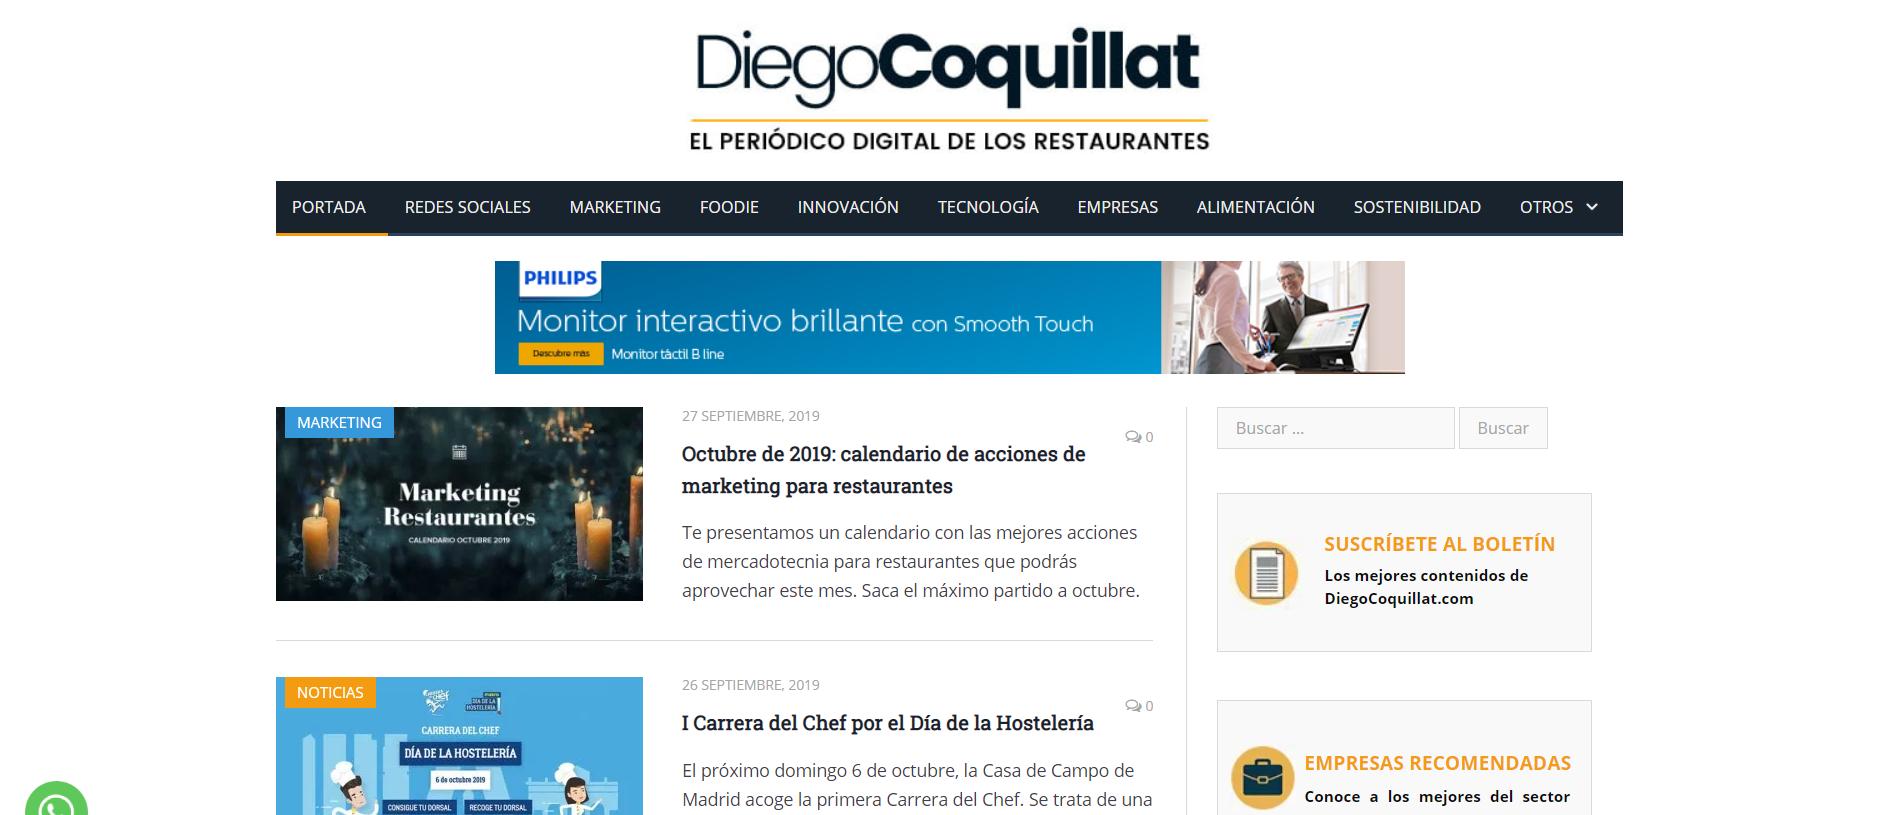 Los 6 mejores Blogs sobre hostelería y restauración. Diego Coquillat Blog portada